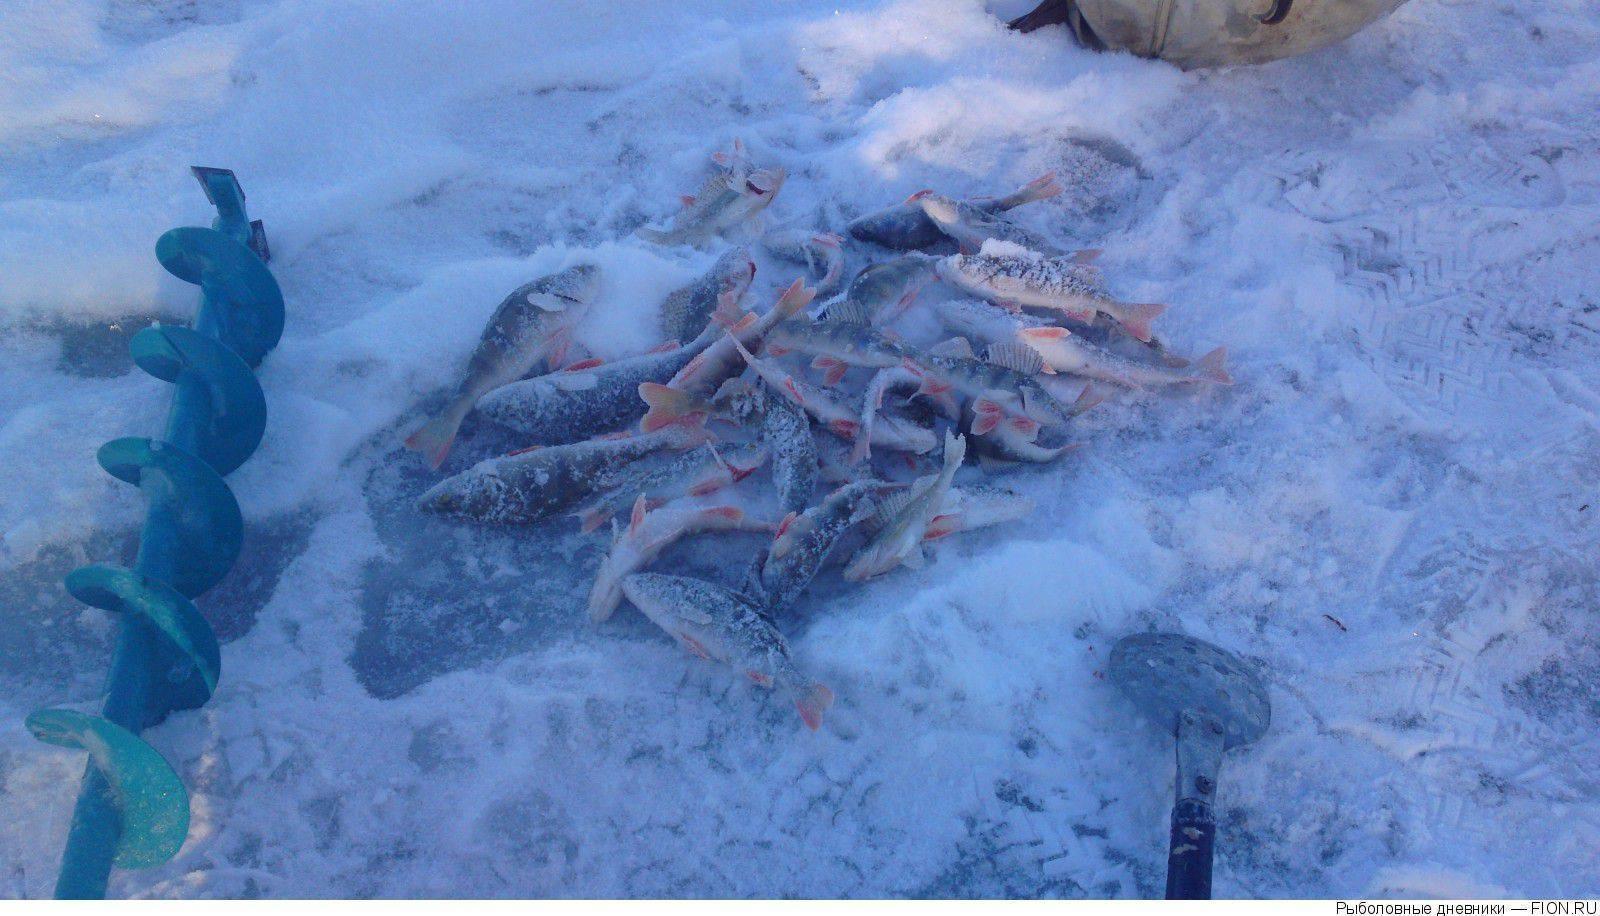 Рыбалка в ишиме и ишимском районе: лучшие места для ловли, какая рыба водится в реке